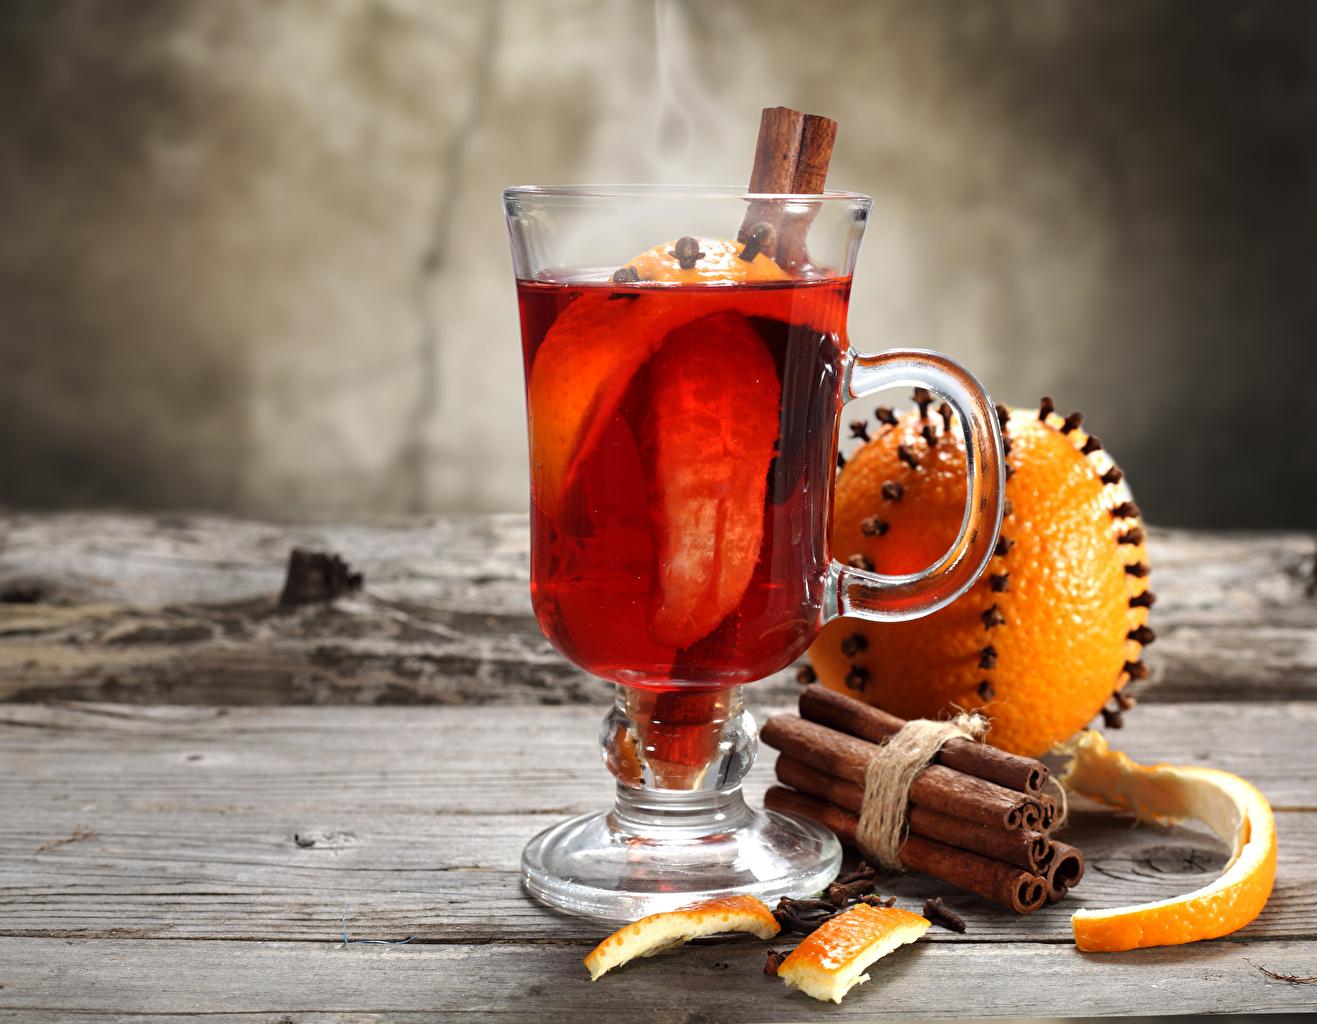 Фото Апельсин Корица Чашка Продукты питания Доски напиток Еда Пища чашке Напитки